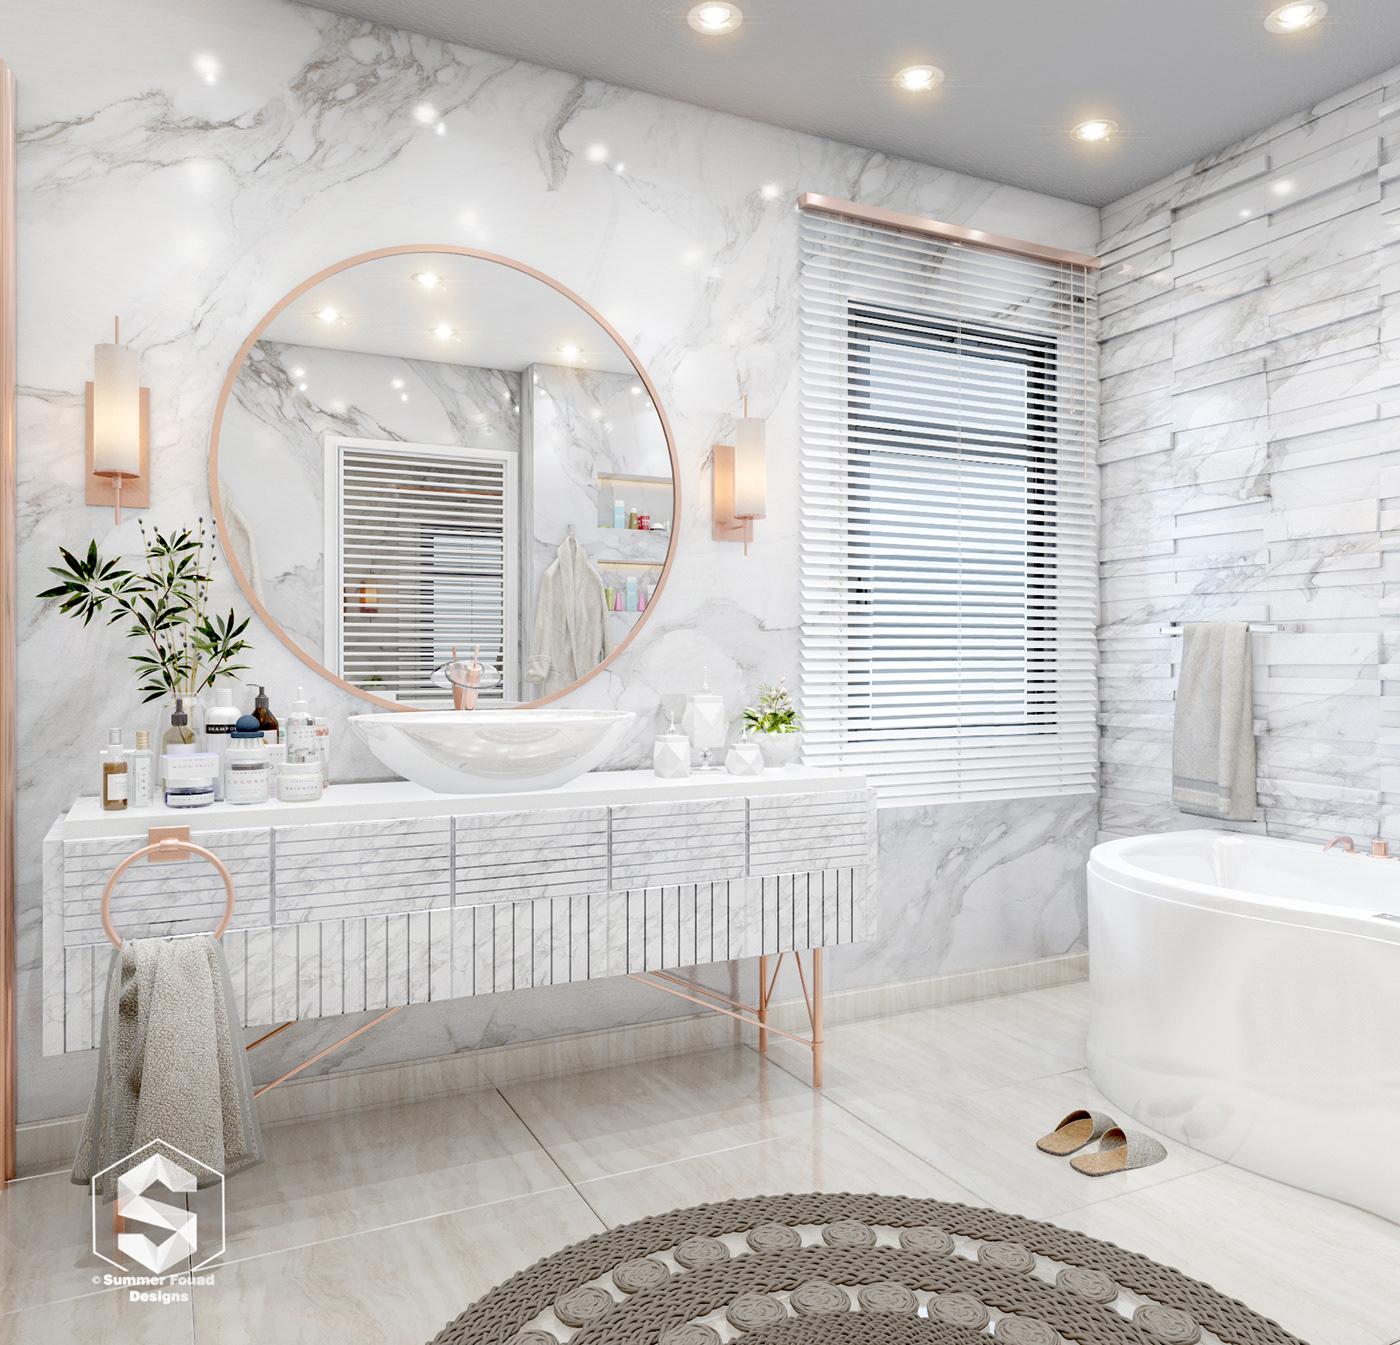 有獨特感的18款豪宅浴室欣賞